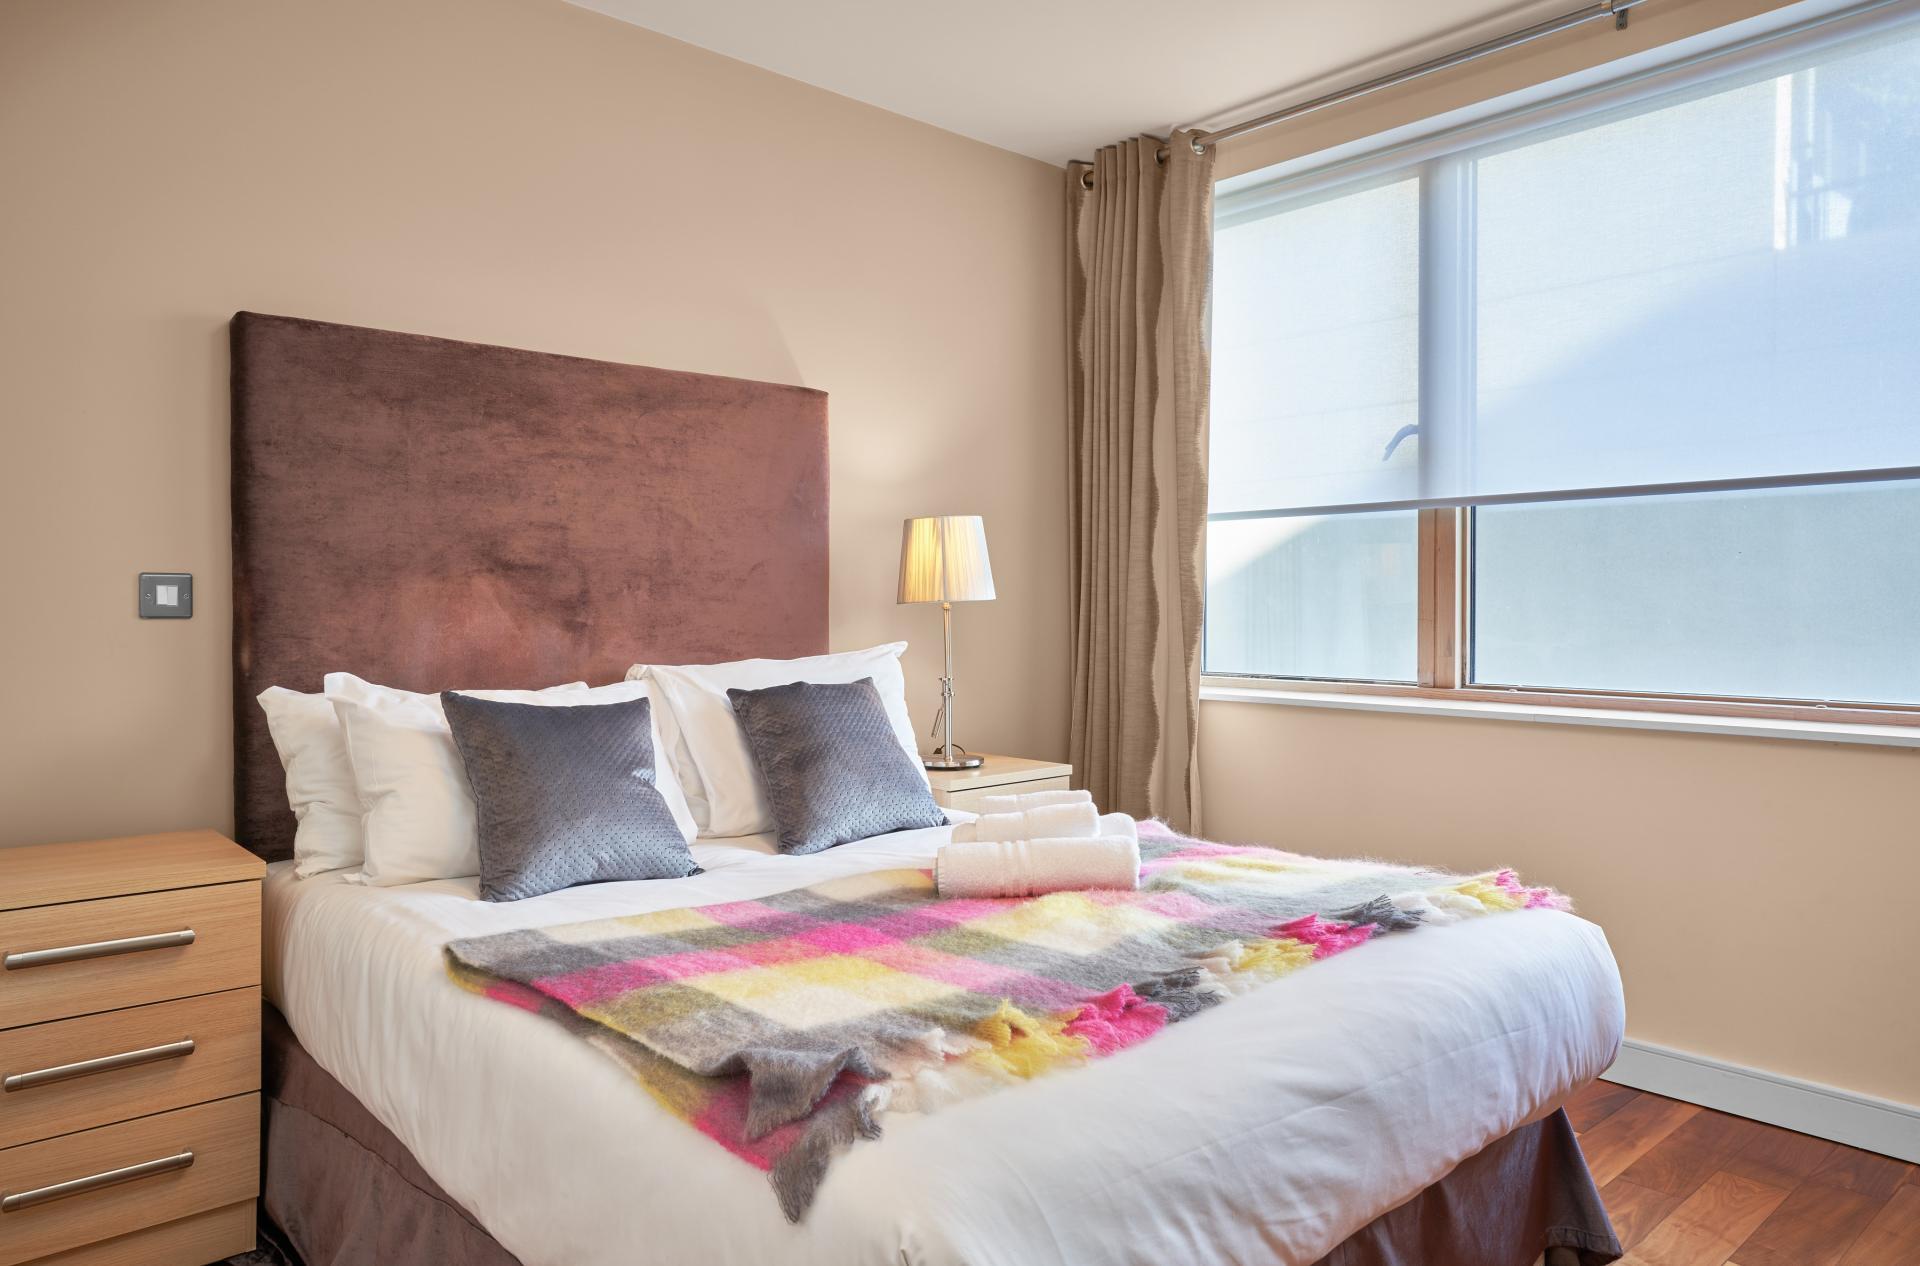 Bedding at Hanover Dock Apartments